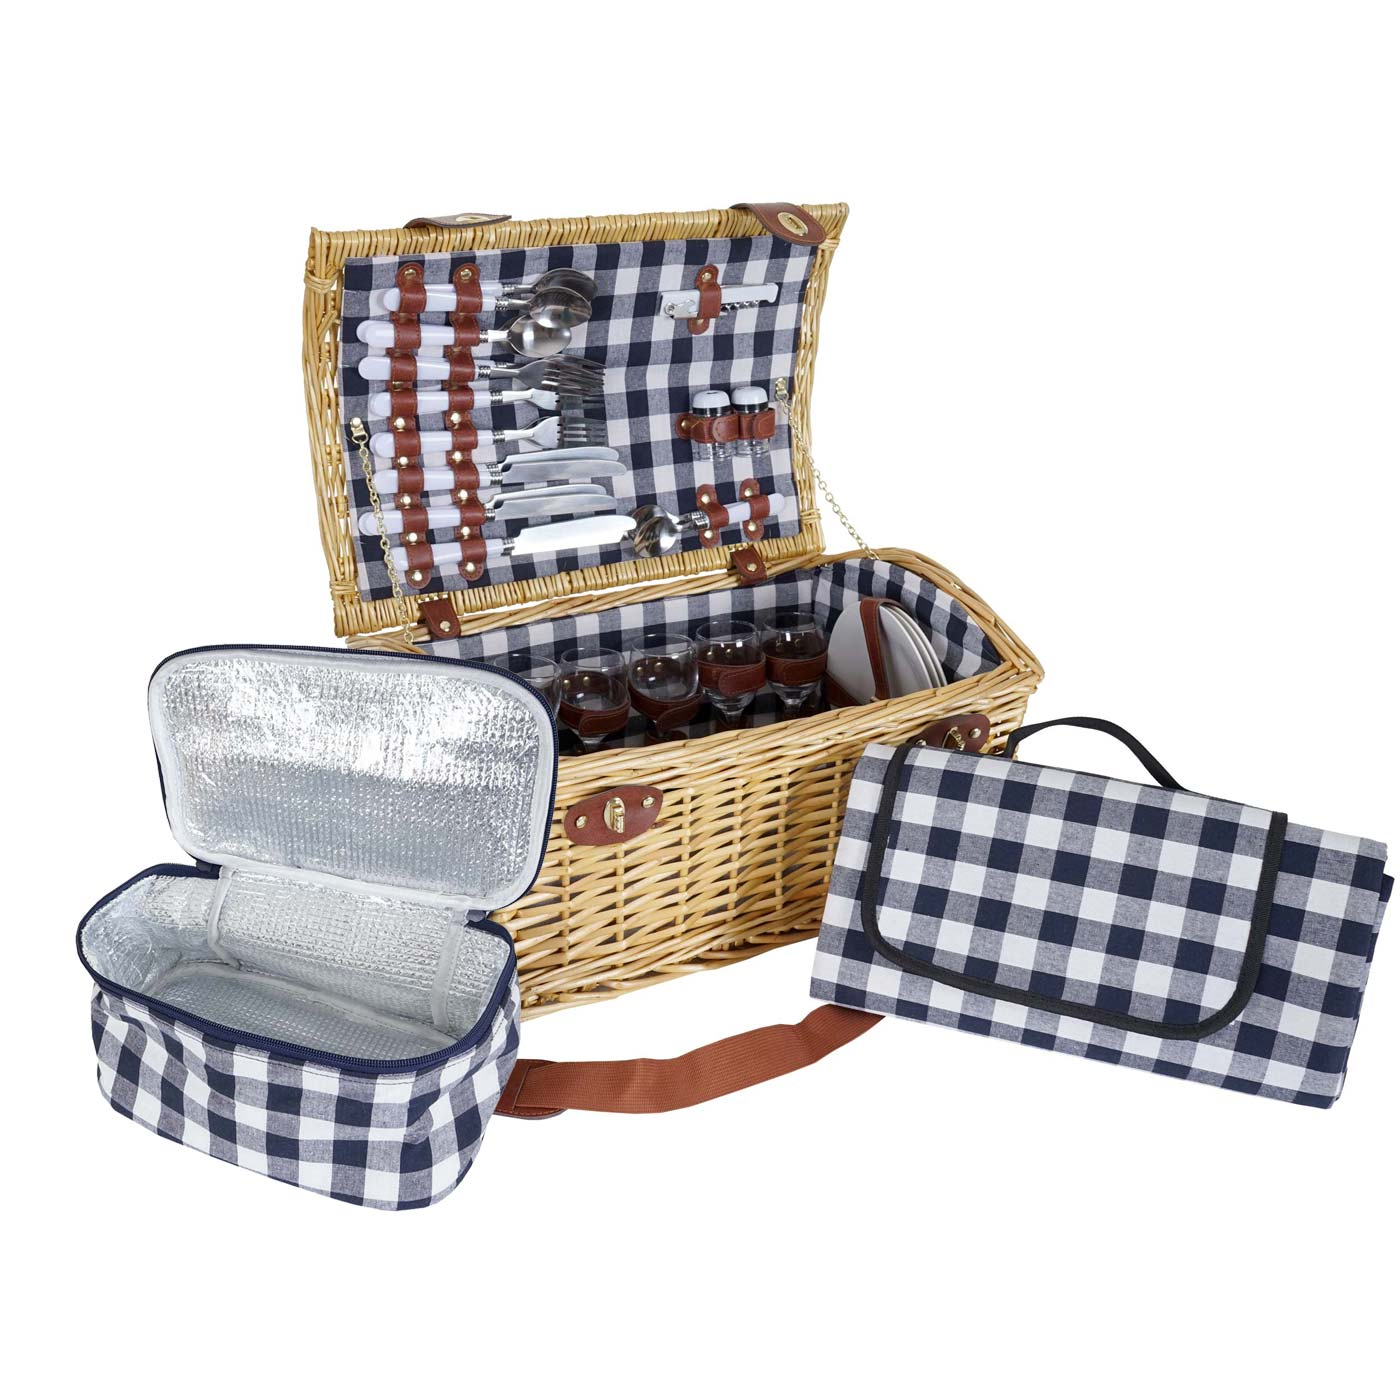 Mendler Picknickkorb-Set HWC-B23 für 6 Personen, Weiden-Korb Picknickdecke, Porzellan Glas Edelstahl, blau-w 60139